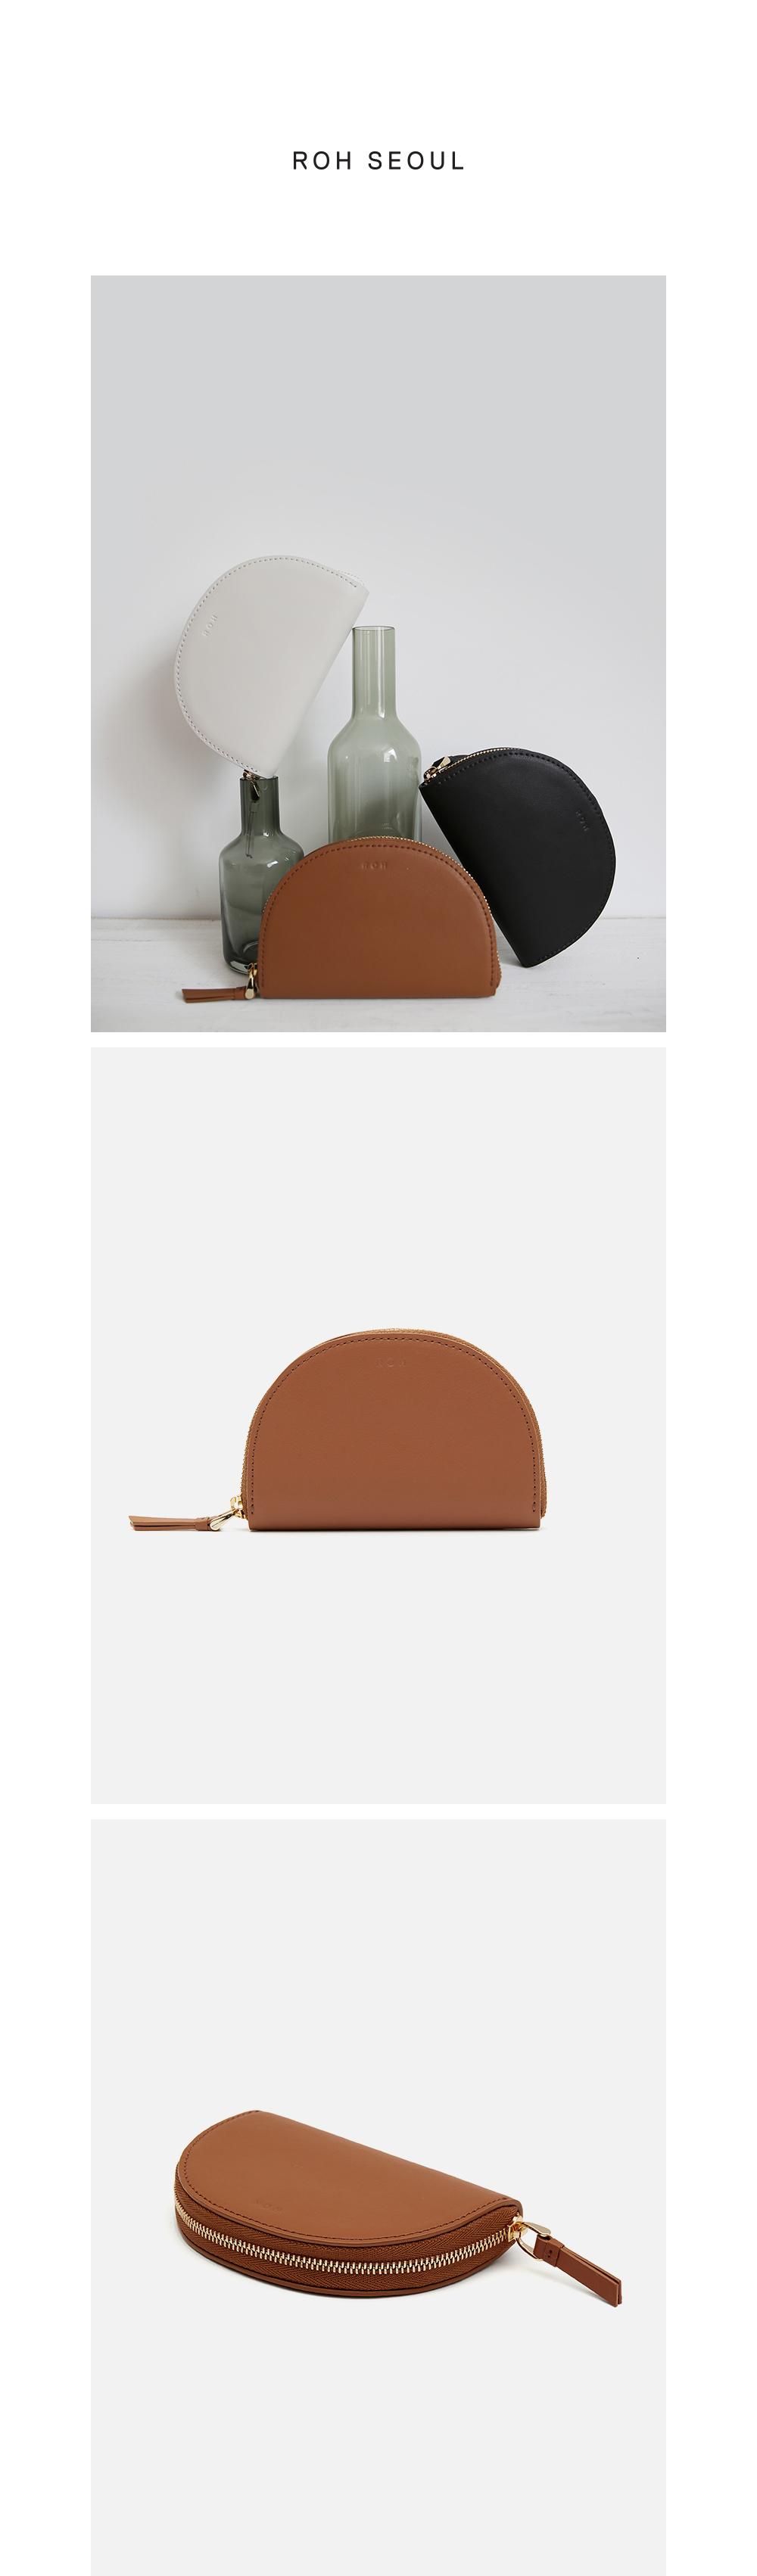 로서울(ROH SEOUL) Half moon card zip wallet Creamy tan